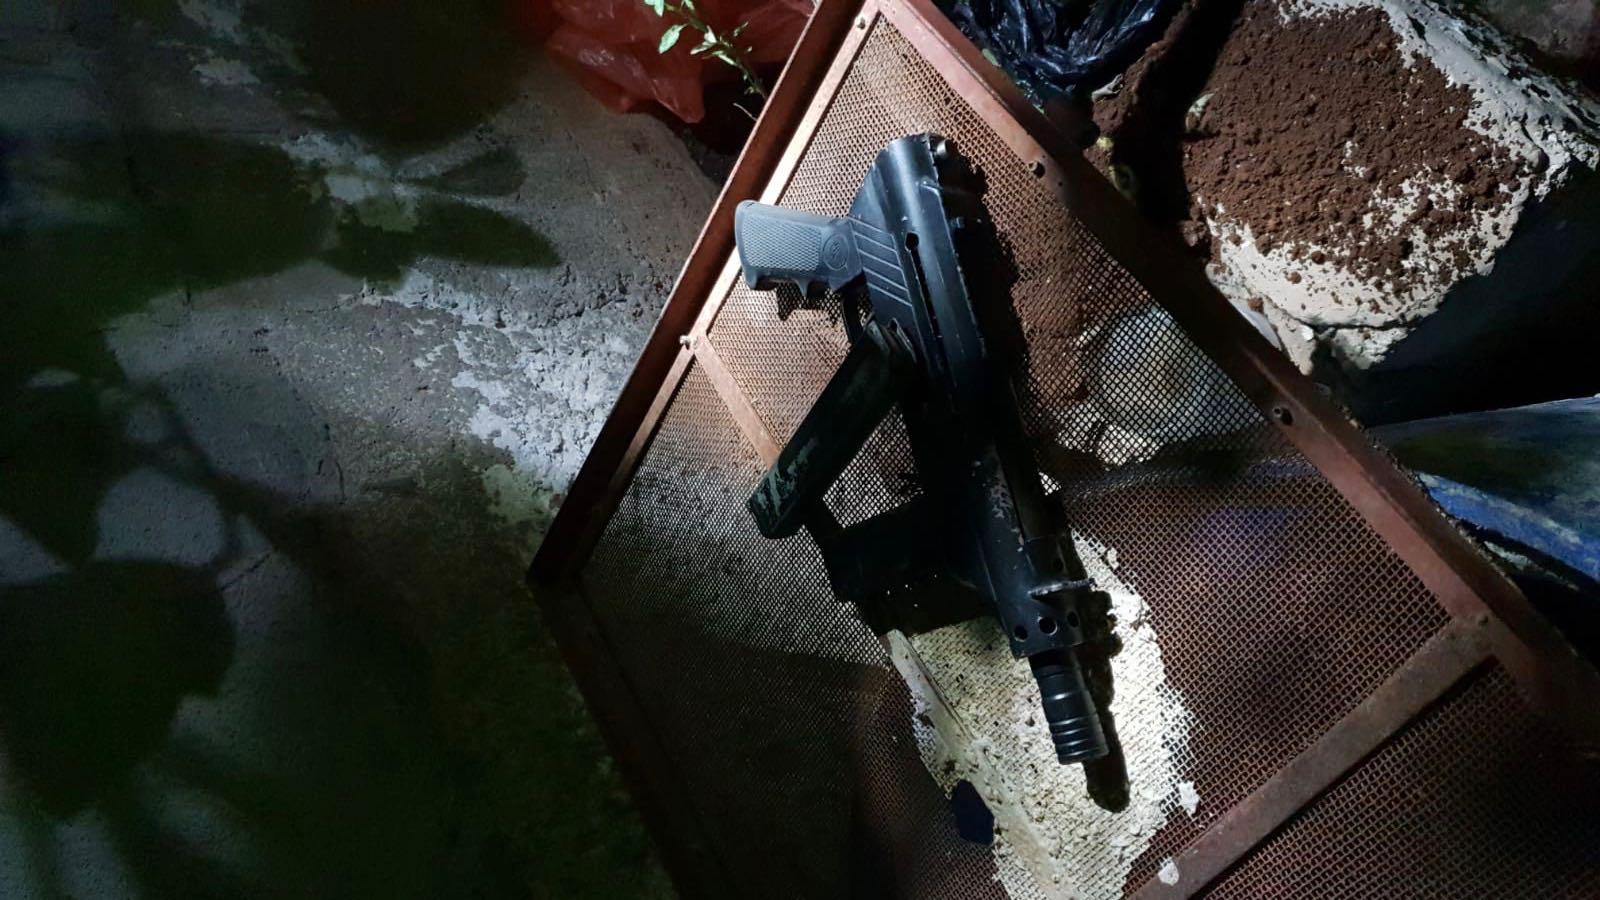 הטרור הערבי: חמישה מבוקשים נעצרו, נשק ומטען חבלה נתפסו